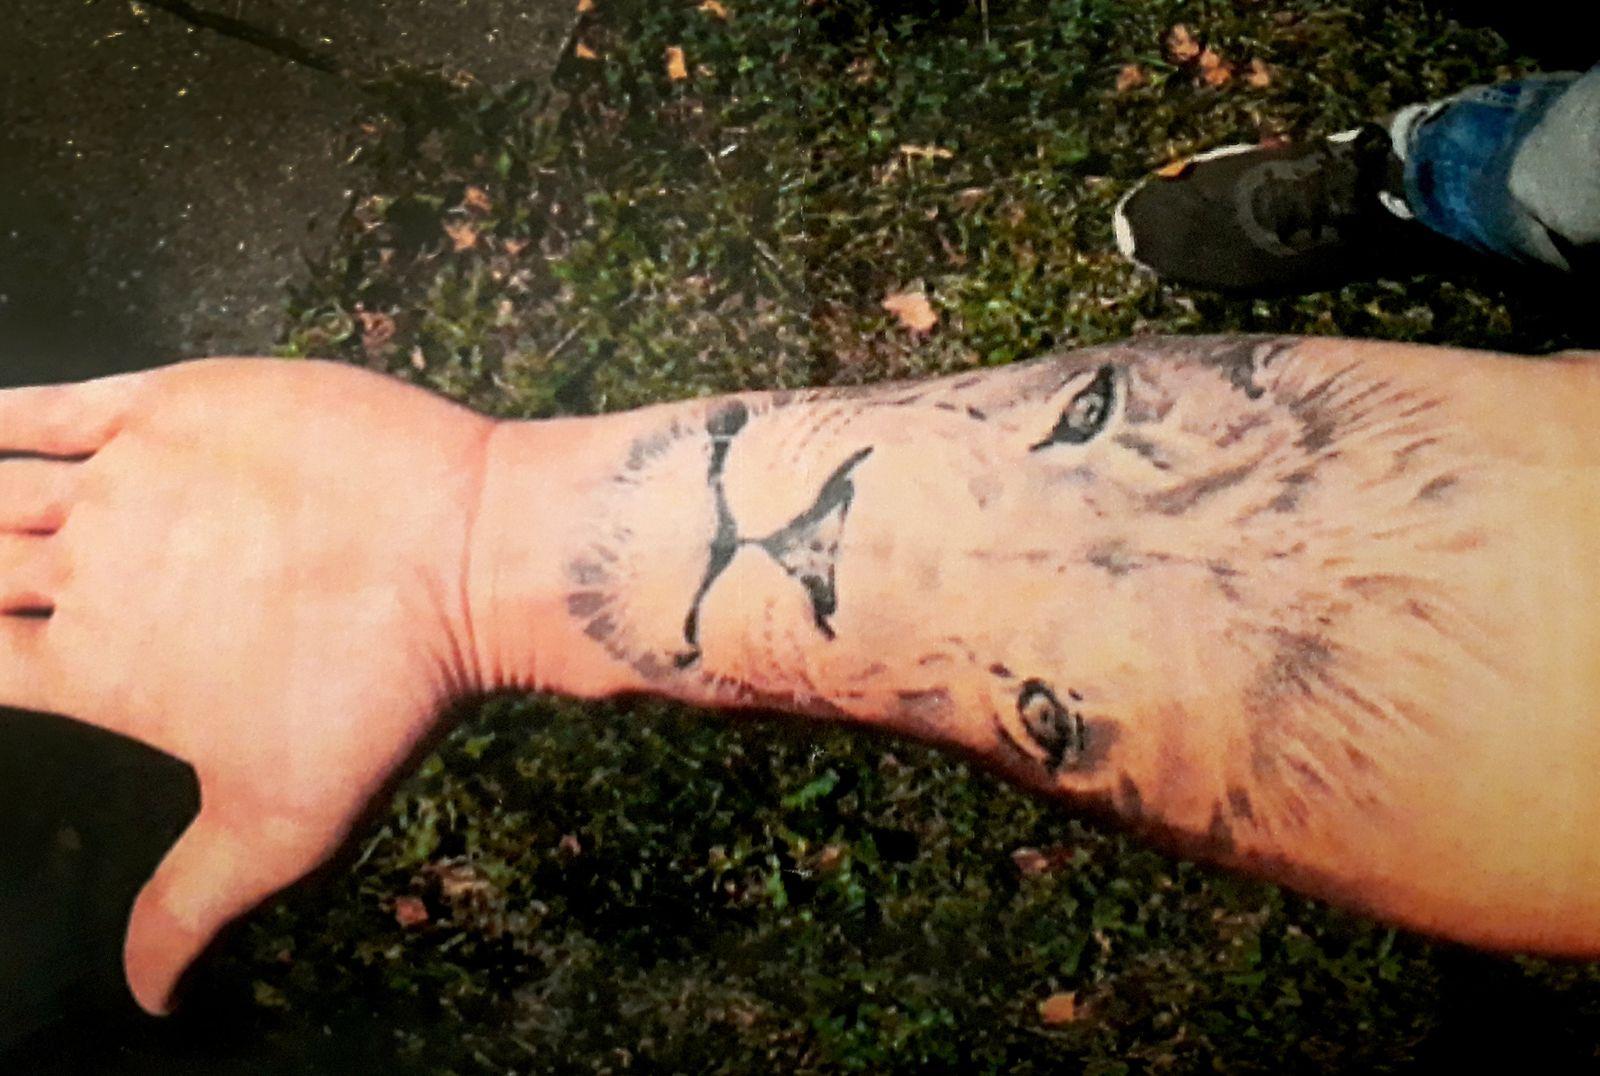 Unterarm-Tattoo von Polizeibewerber